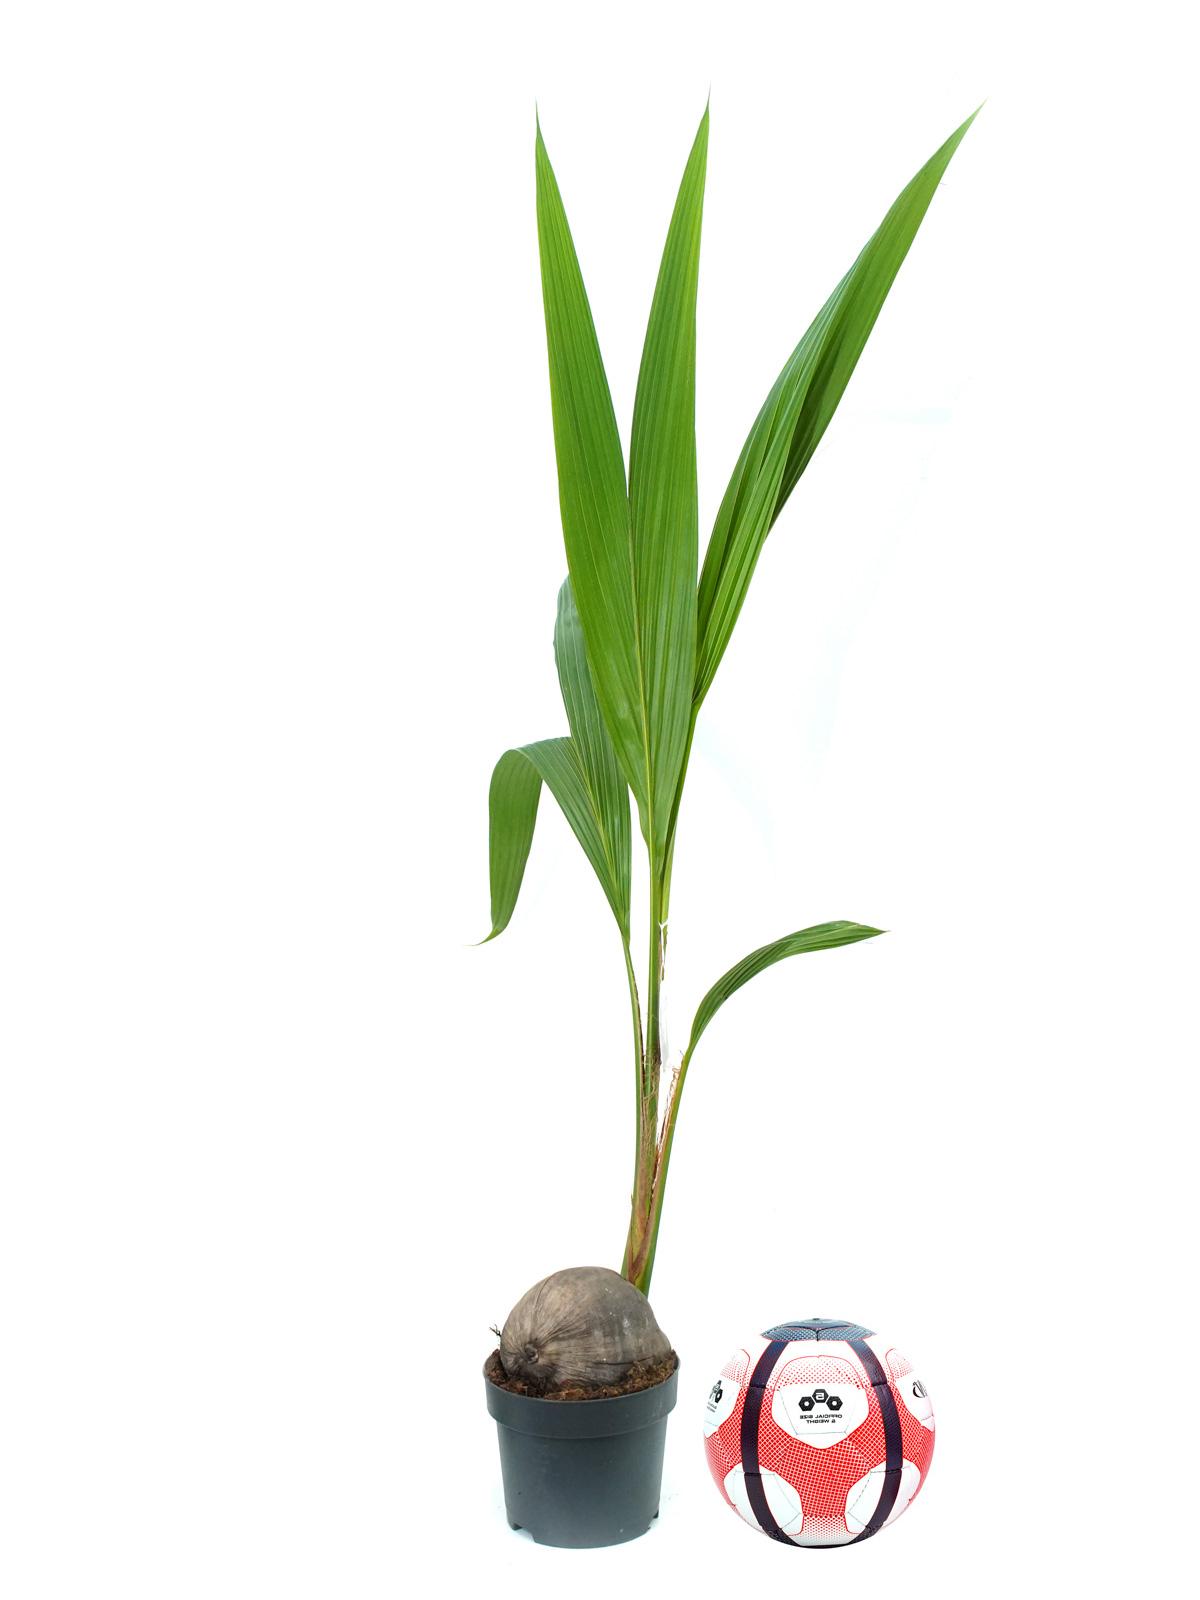 Cocos Nucifera 'Indoor Plants Trees